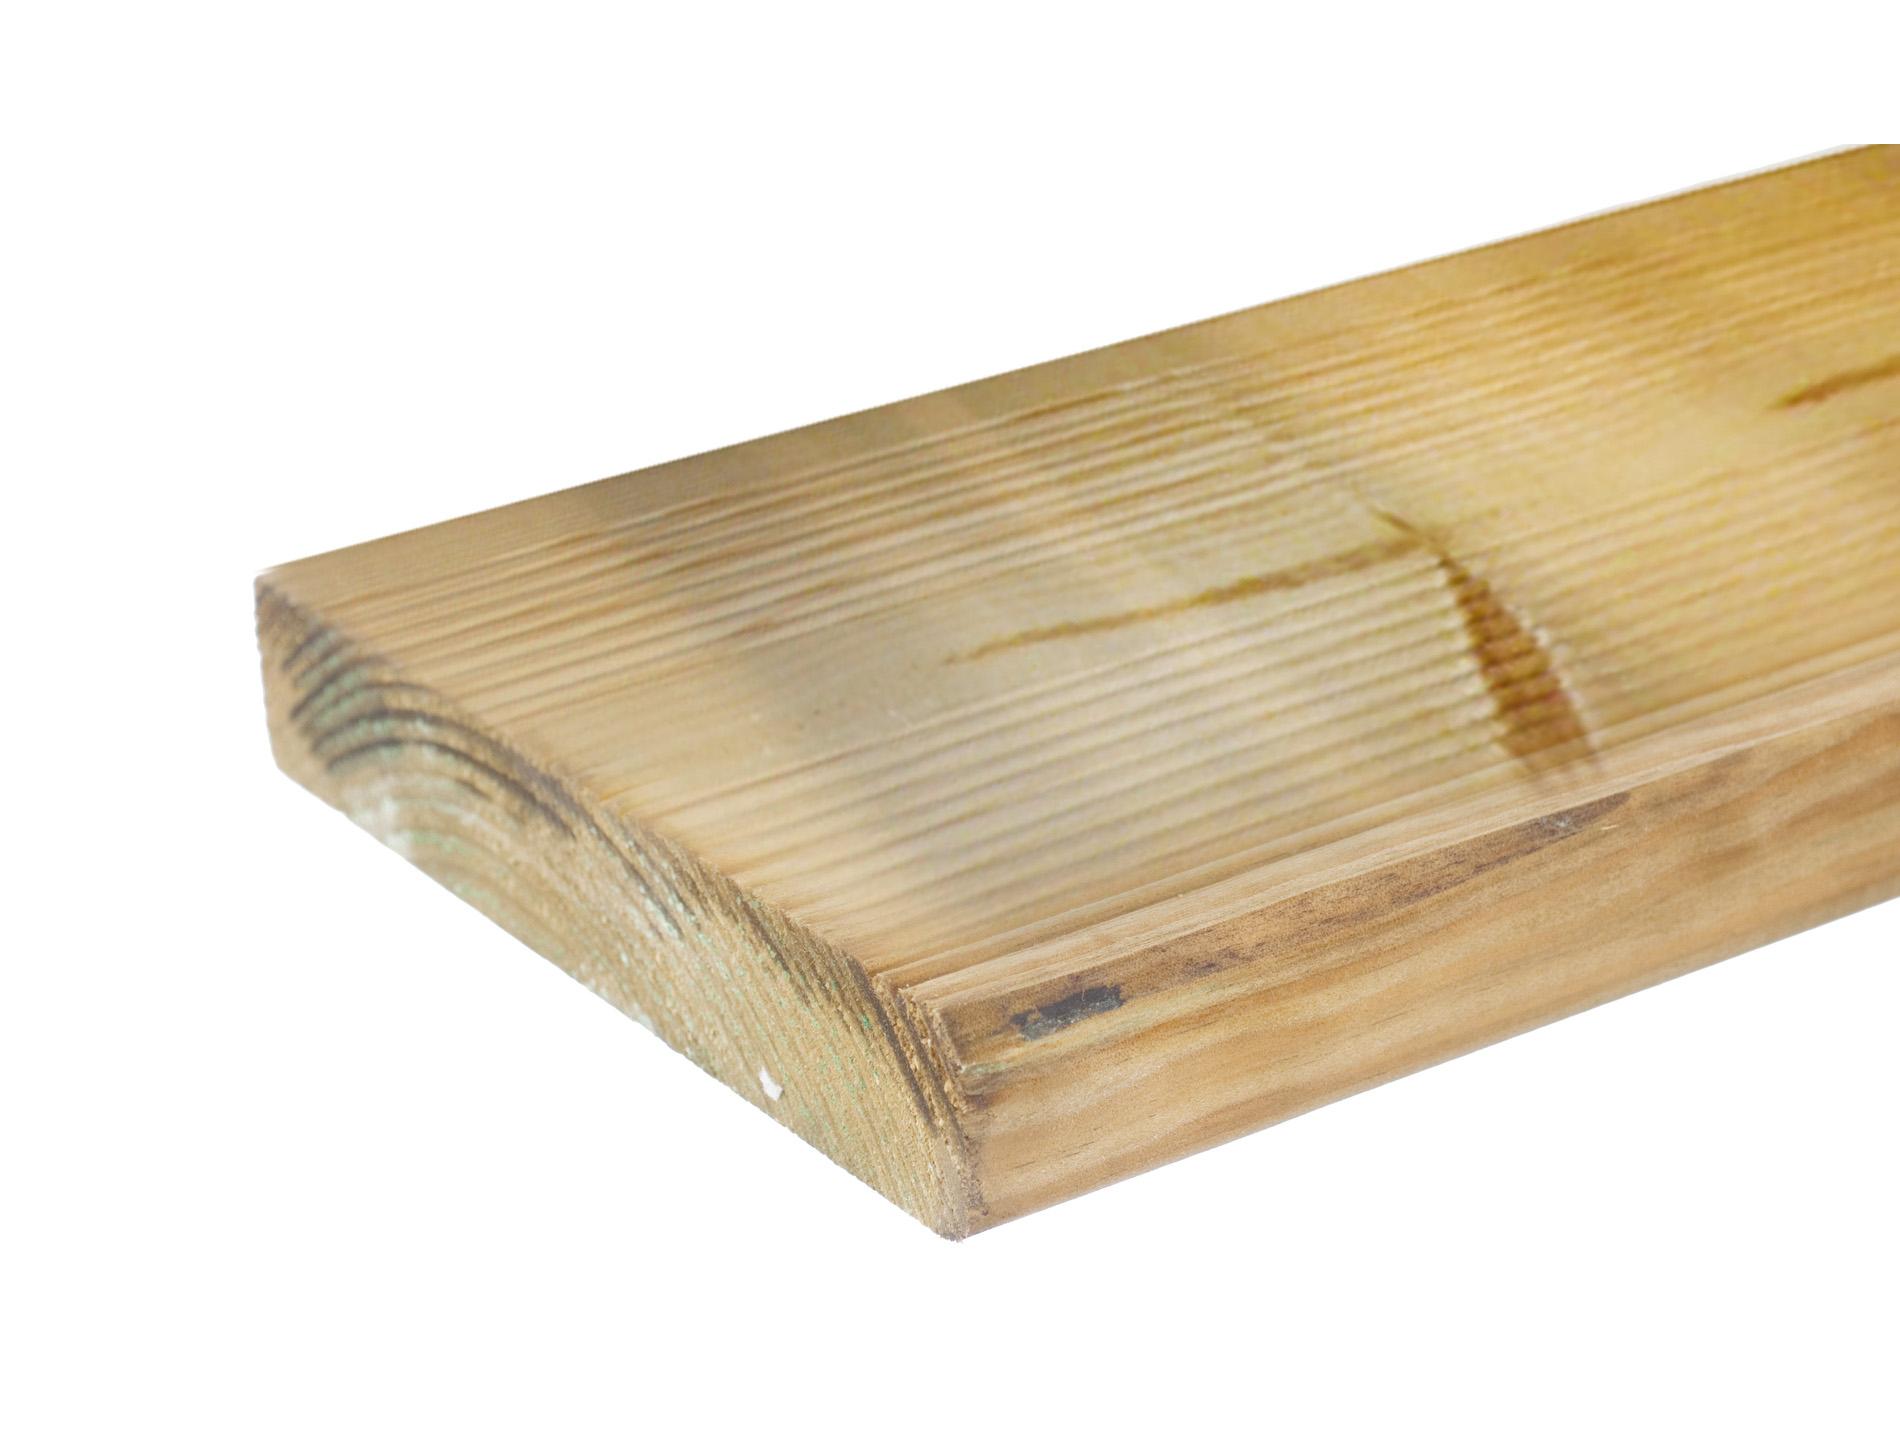 lame bois rainur e marco 2 40m terrasse d 39 ext rieur am nagement ext rieur. Black Bedroom Furniture Sets. Home Design Ideas